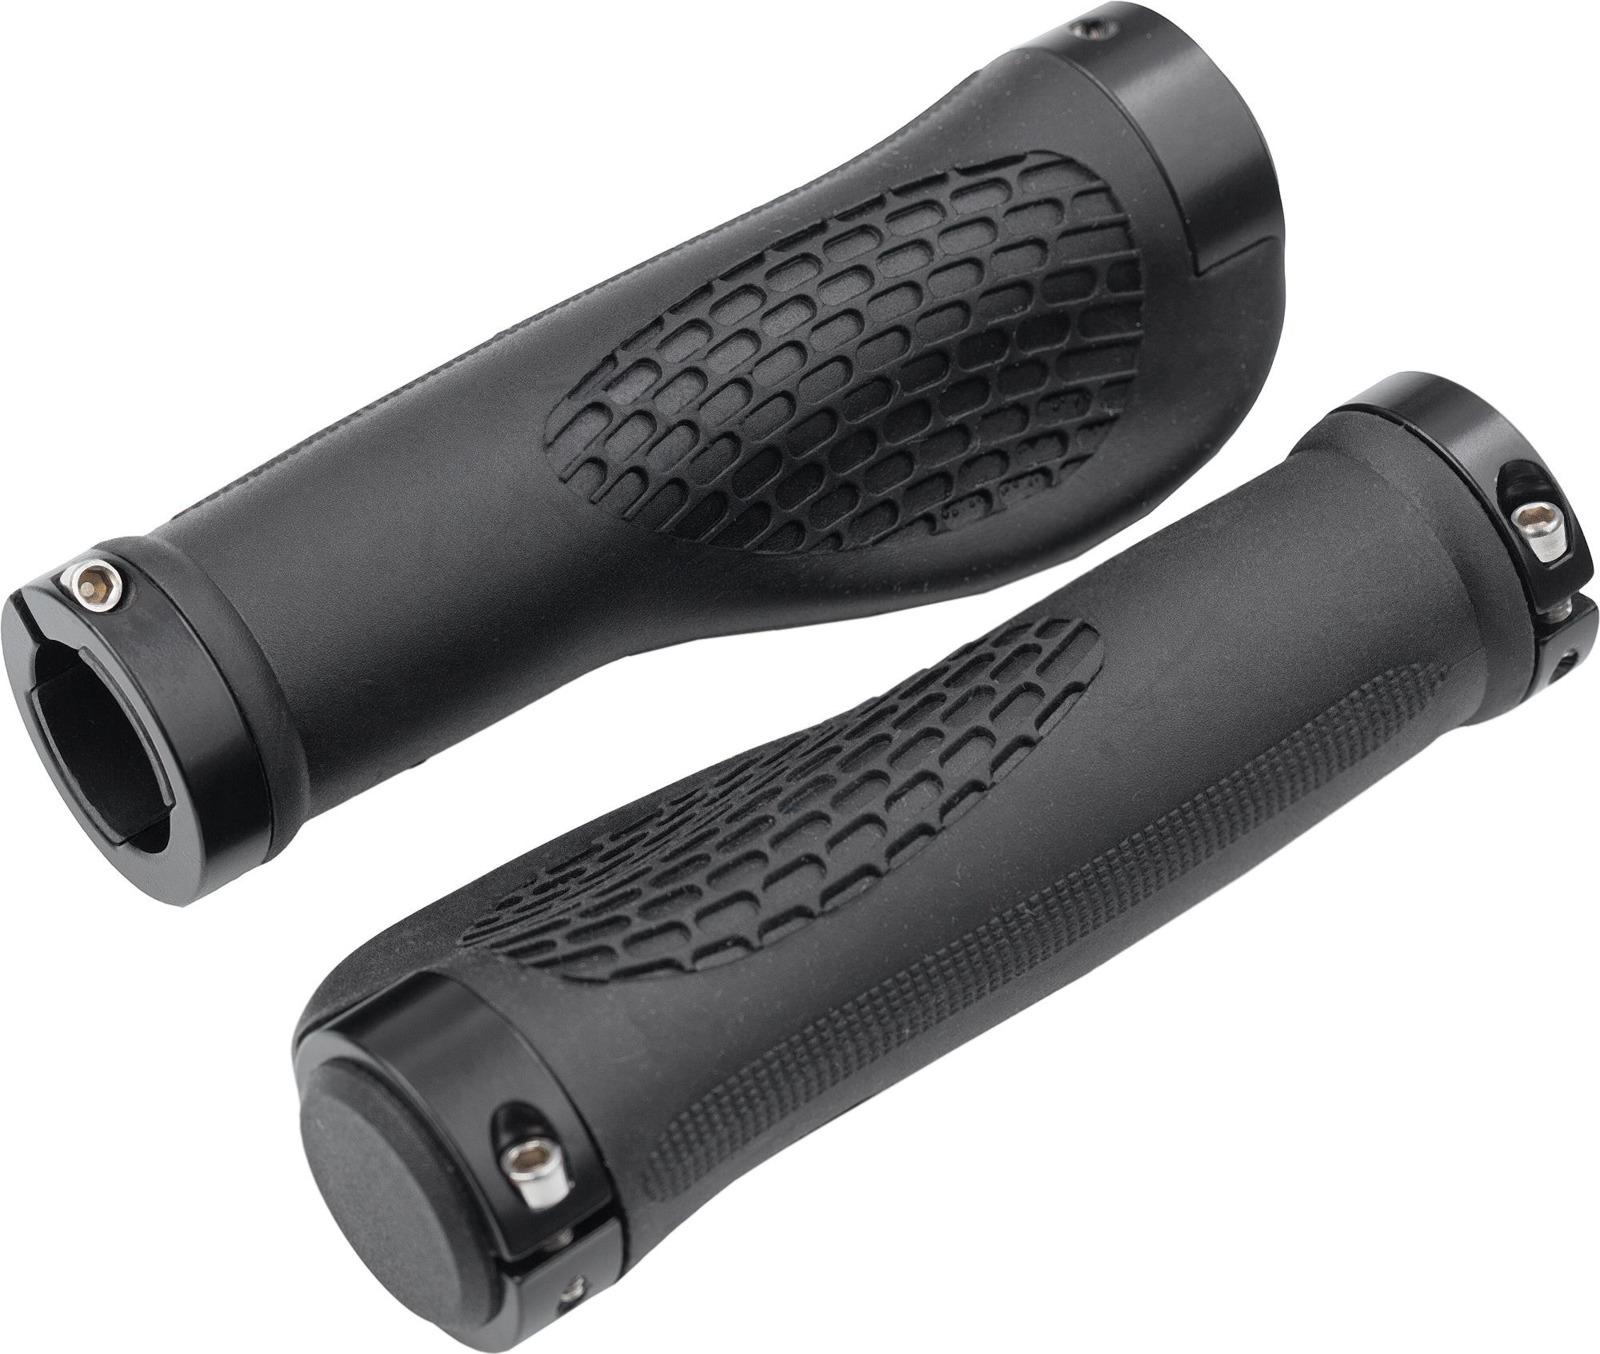 Ручки на руль Stern cgrip-5 city Handlebar grips, черный